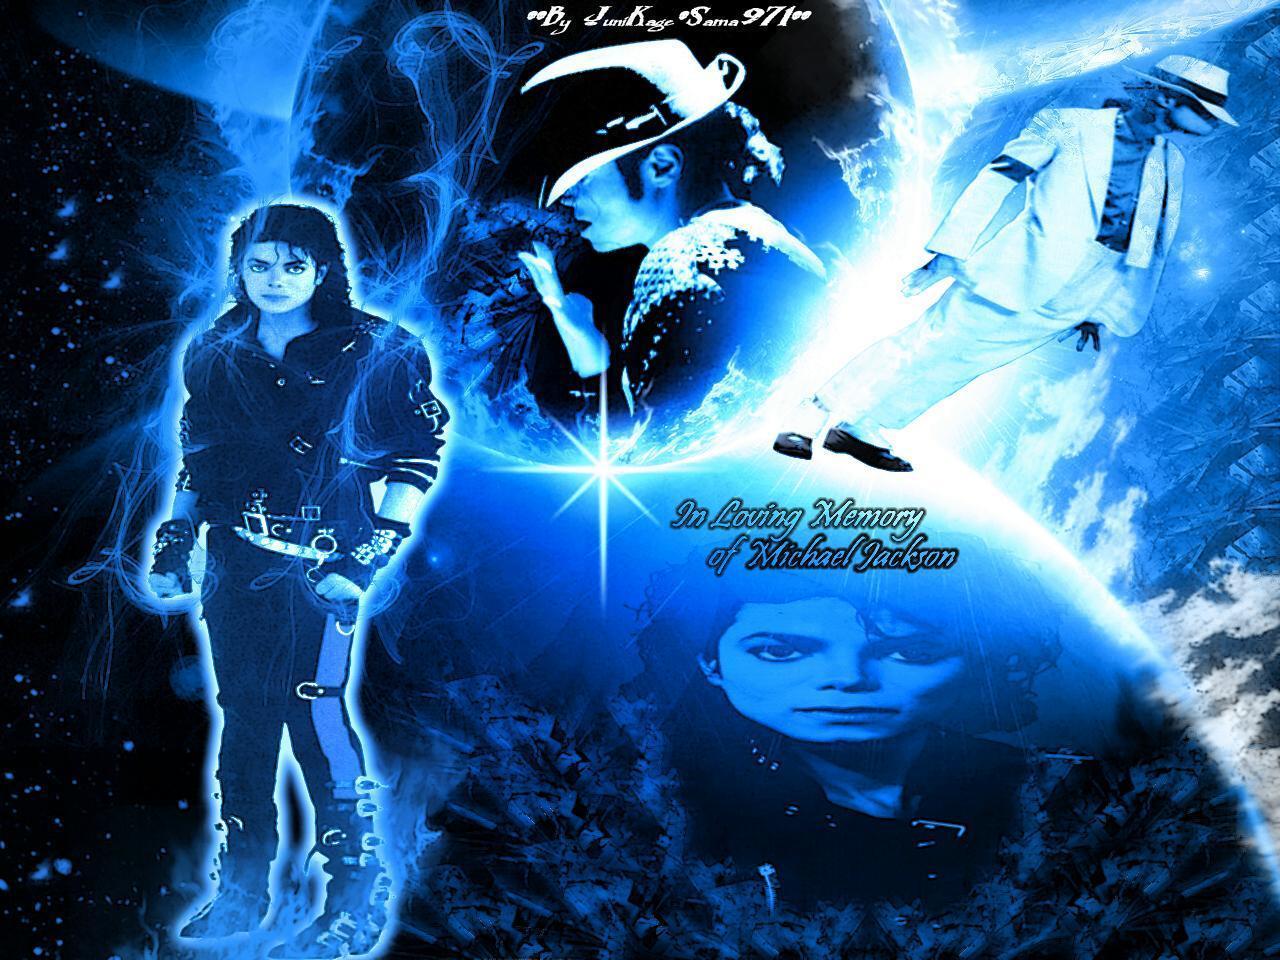 MJ In Da Blue Cosmos